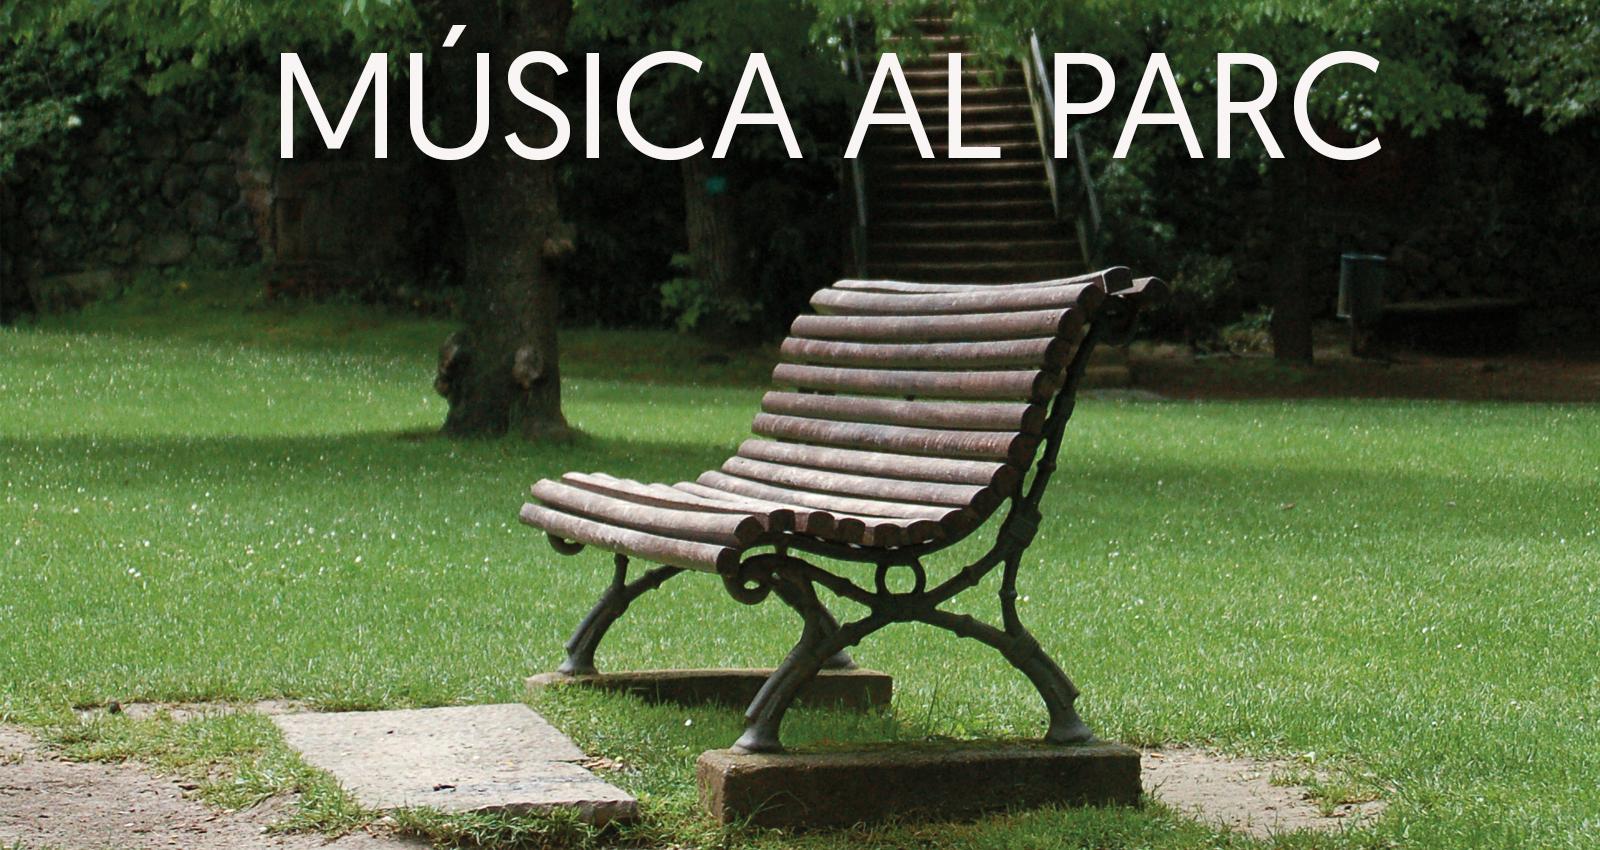 musica-al-parc